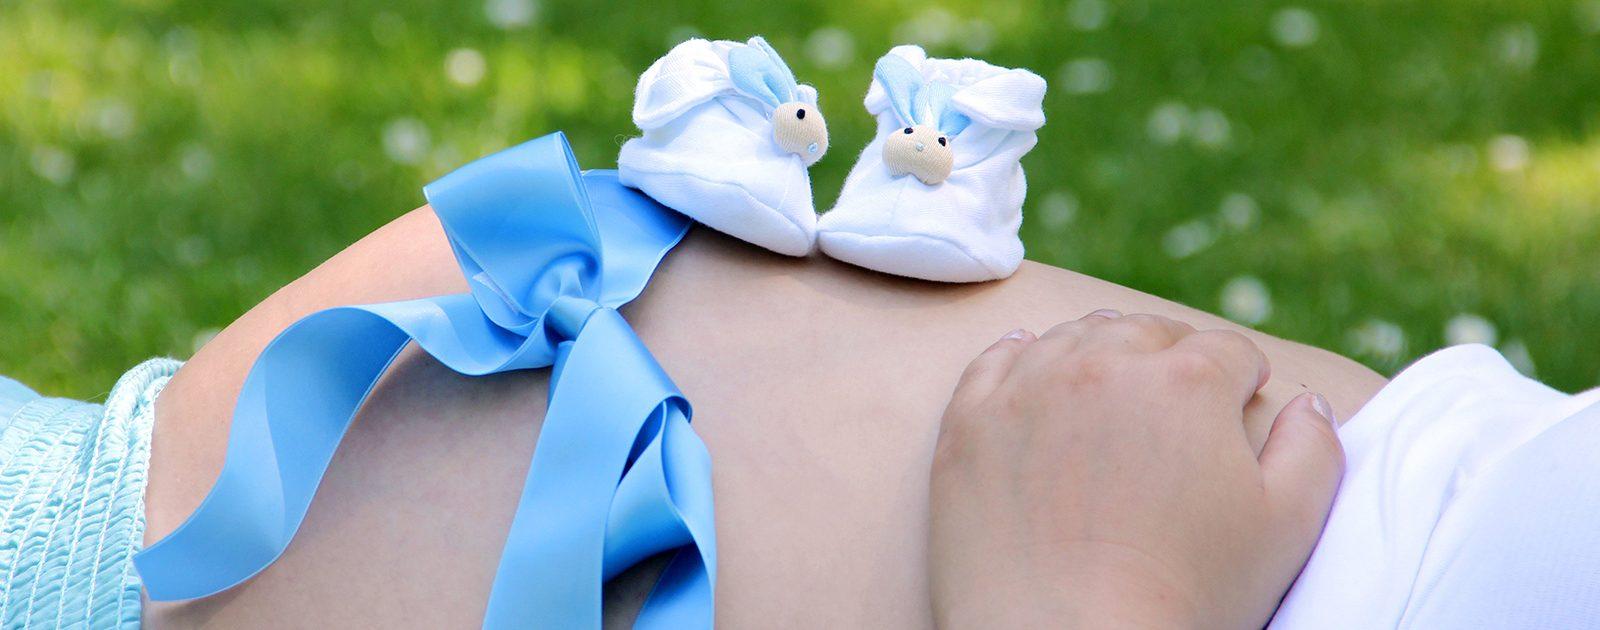 Geburtsvorbereitung Babyausstattung: Babyschuhe auf Schwangerschaftsbauch